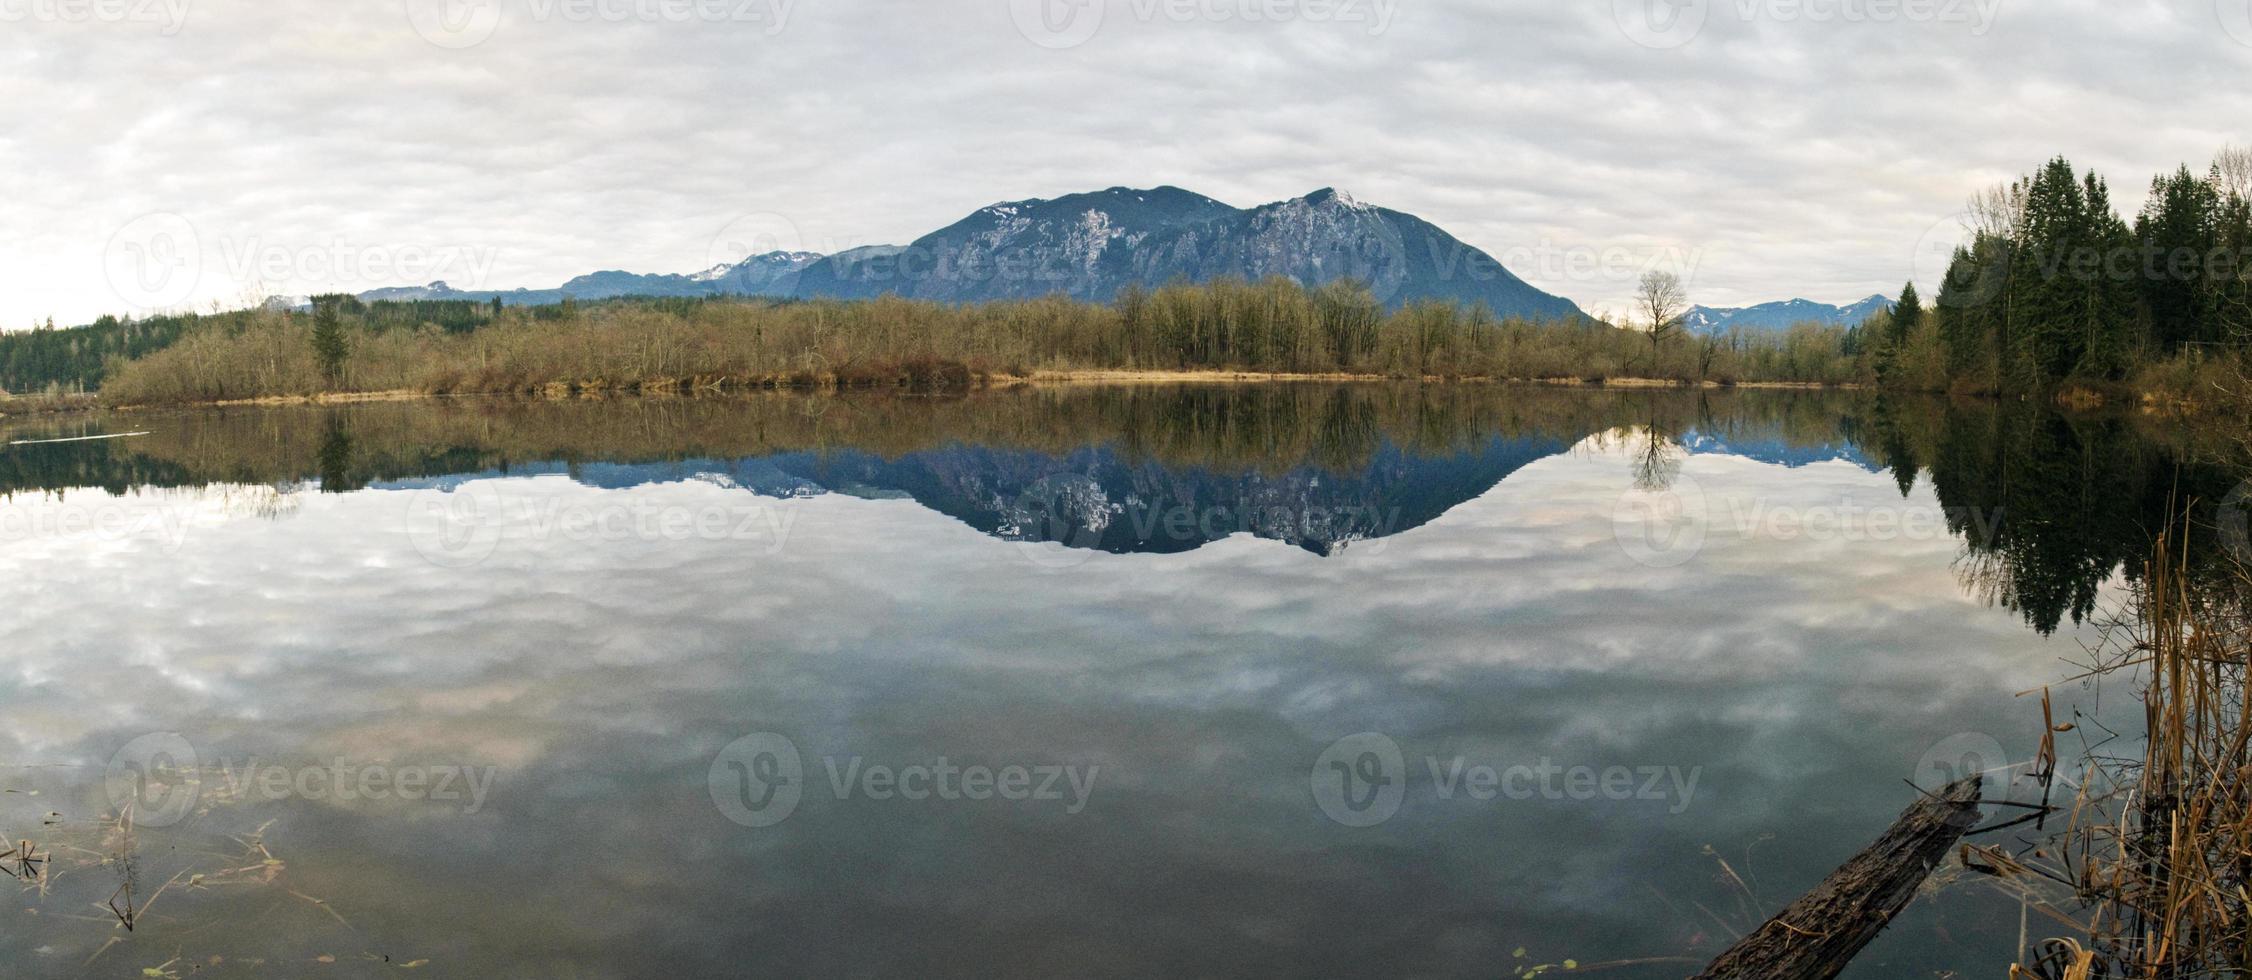 fiume con cascata montagne sullo sfondo foto